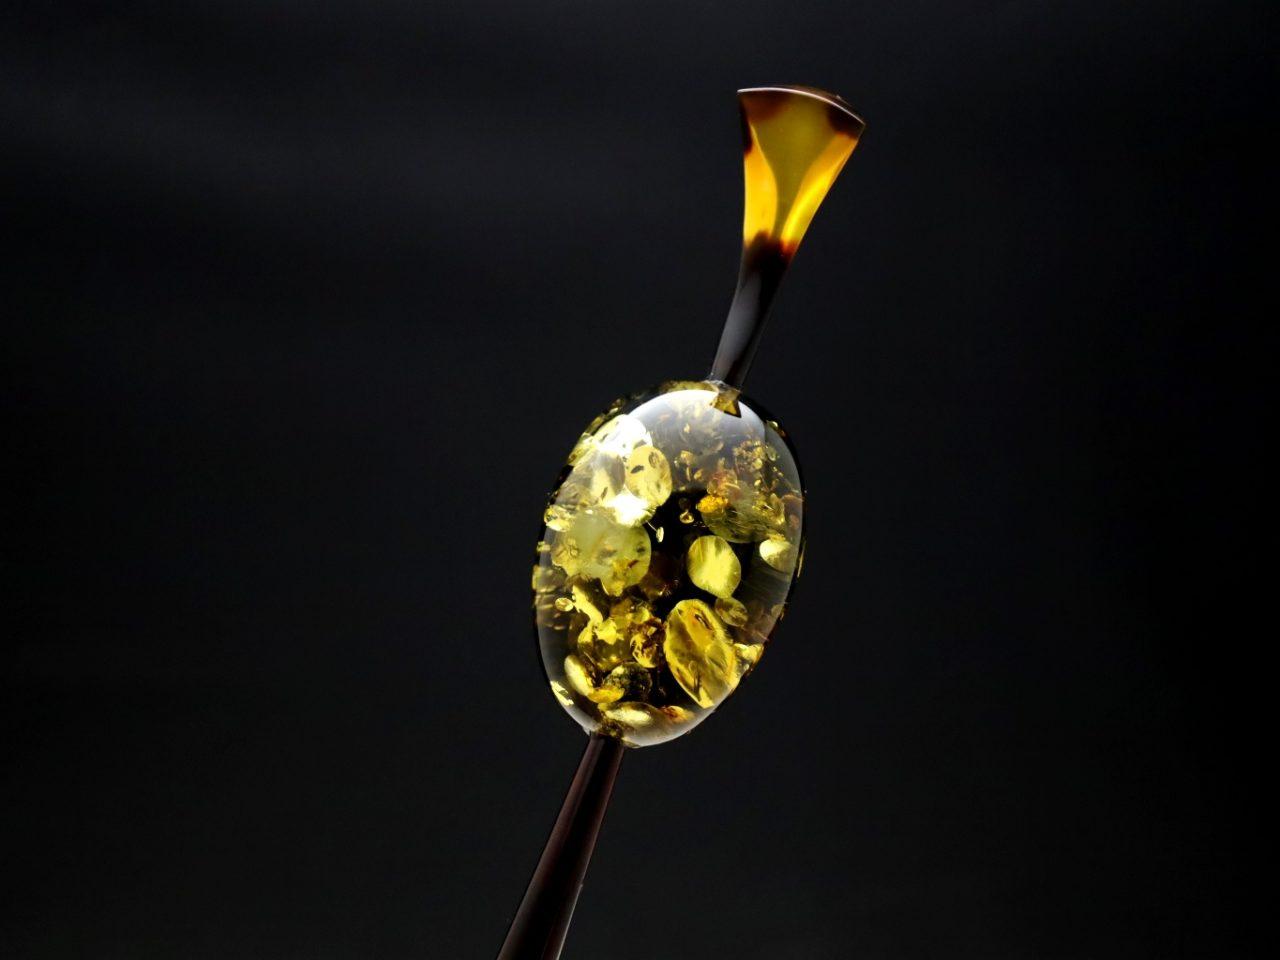 べっ甲バルティックアンバー(琥珀)一本挿し2020|唯一無二、自然が作り出す神秘的な輝き。